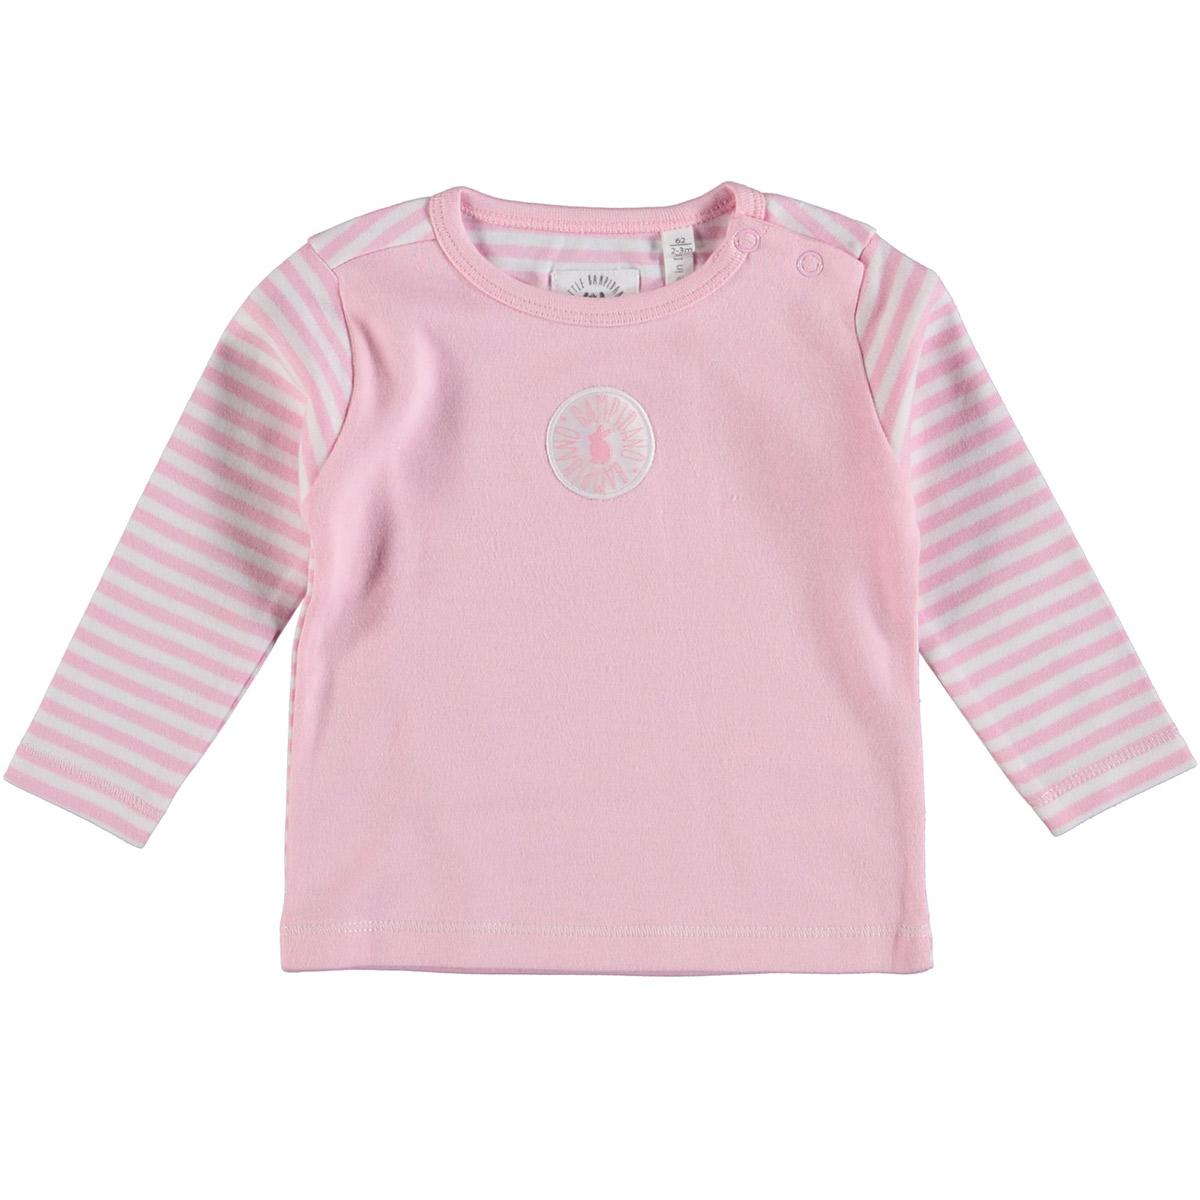 Babykleding Merkkleding.Grootste Collectie Babykleding Van Topmerken Kleertjes Com